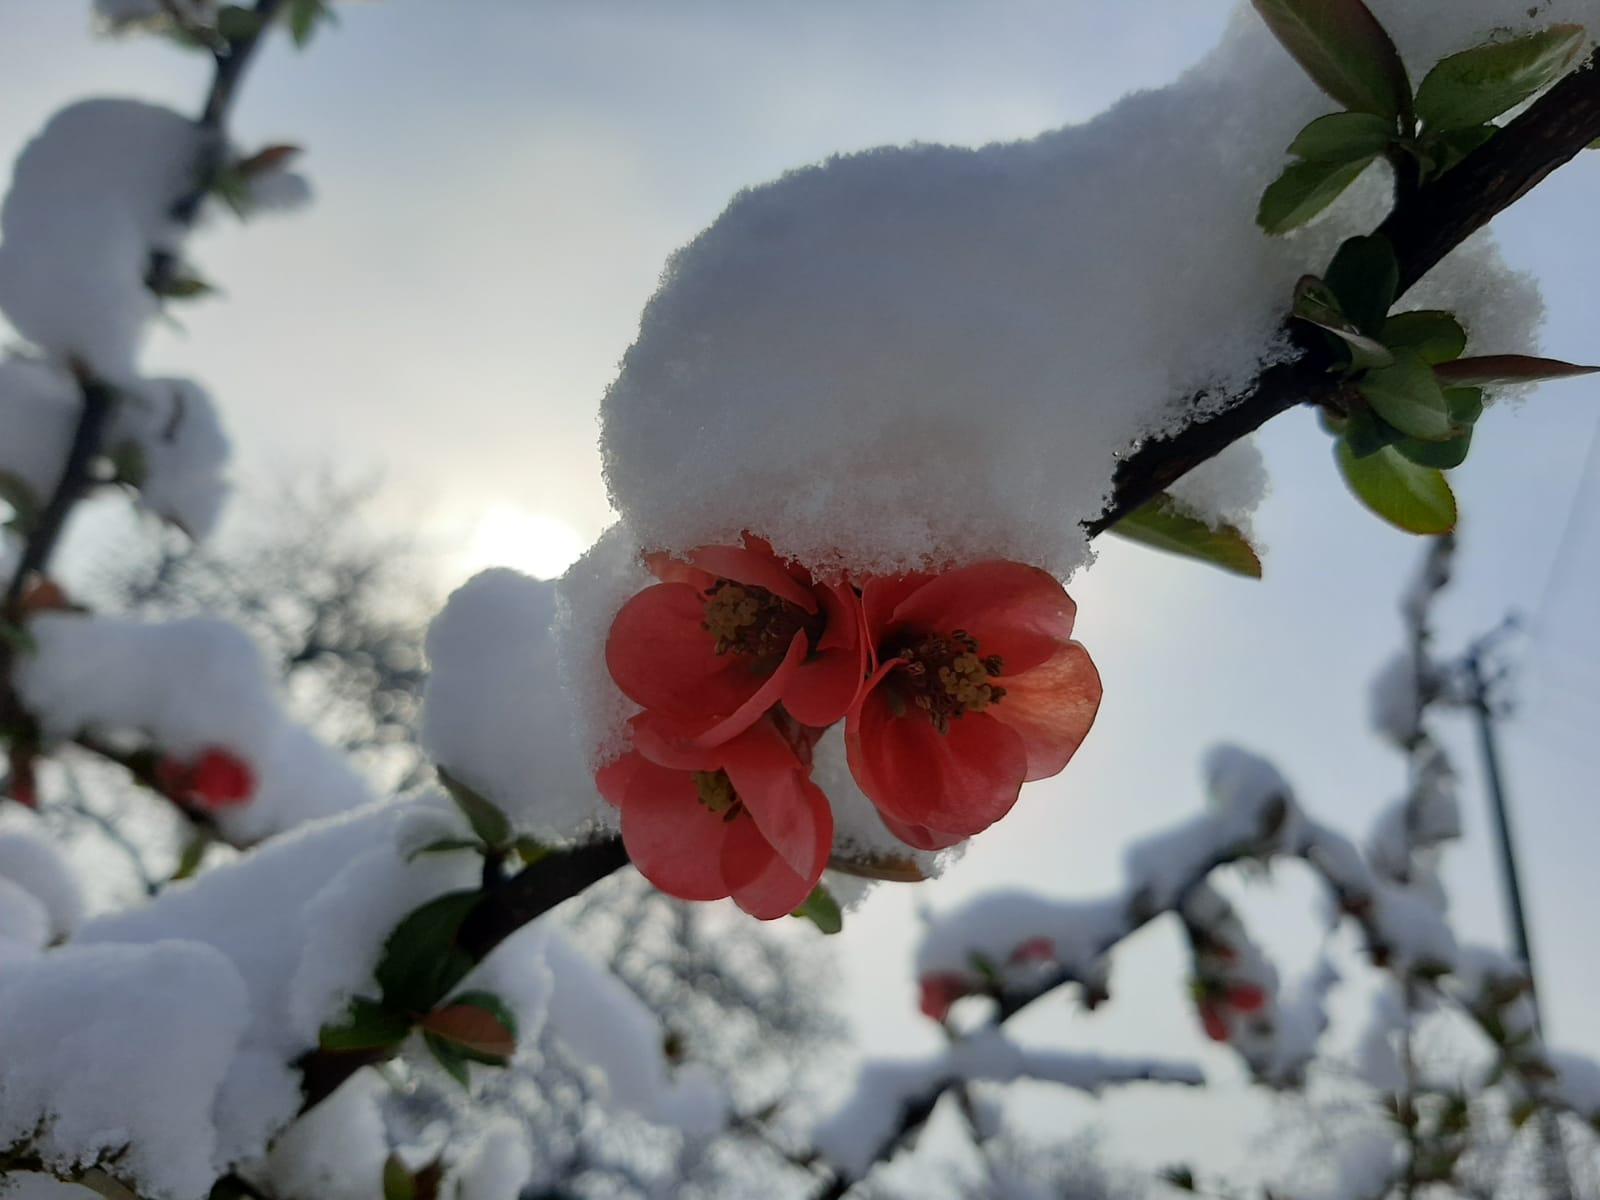 До краја дана још 15 центиметара снега: Ево када можемо очекивати топлије дане